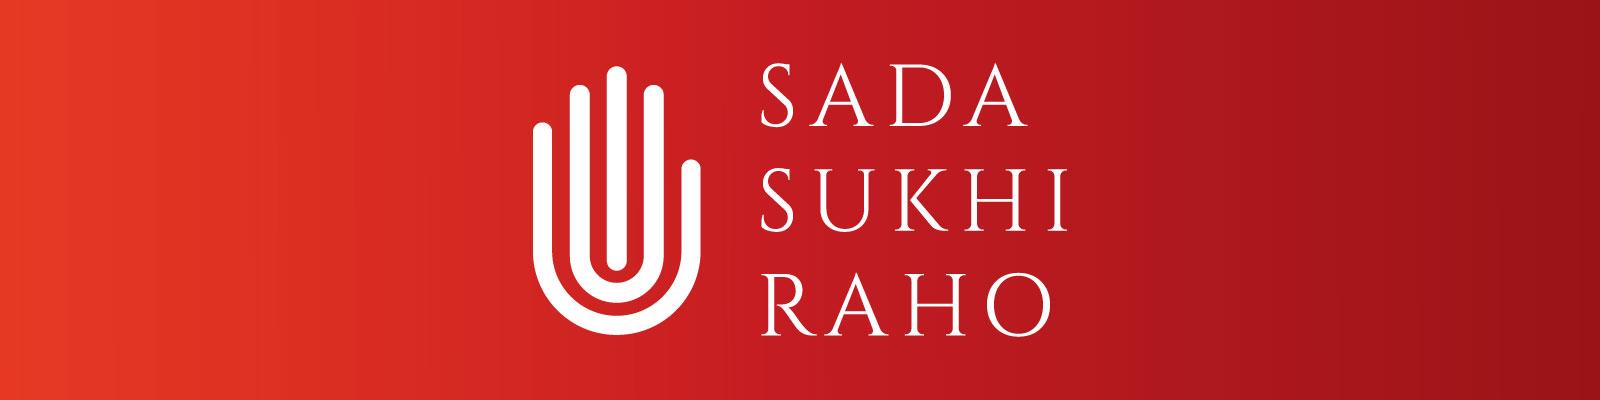 Sada-Sukhi-Raho